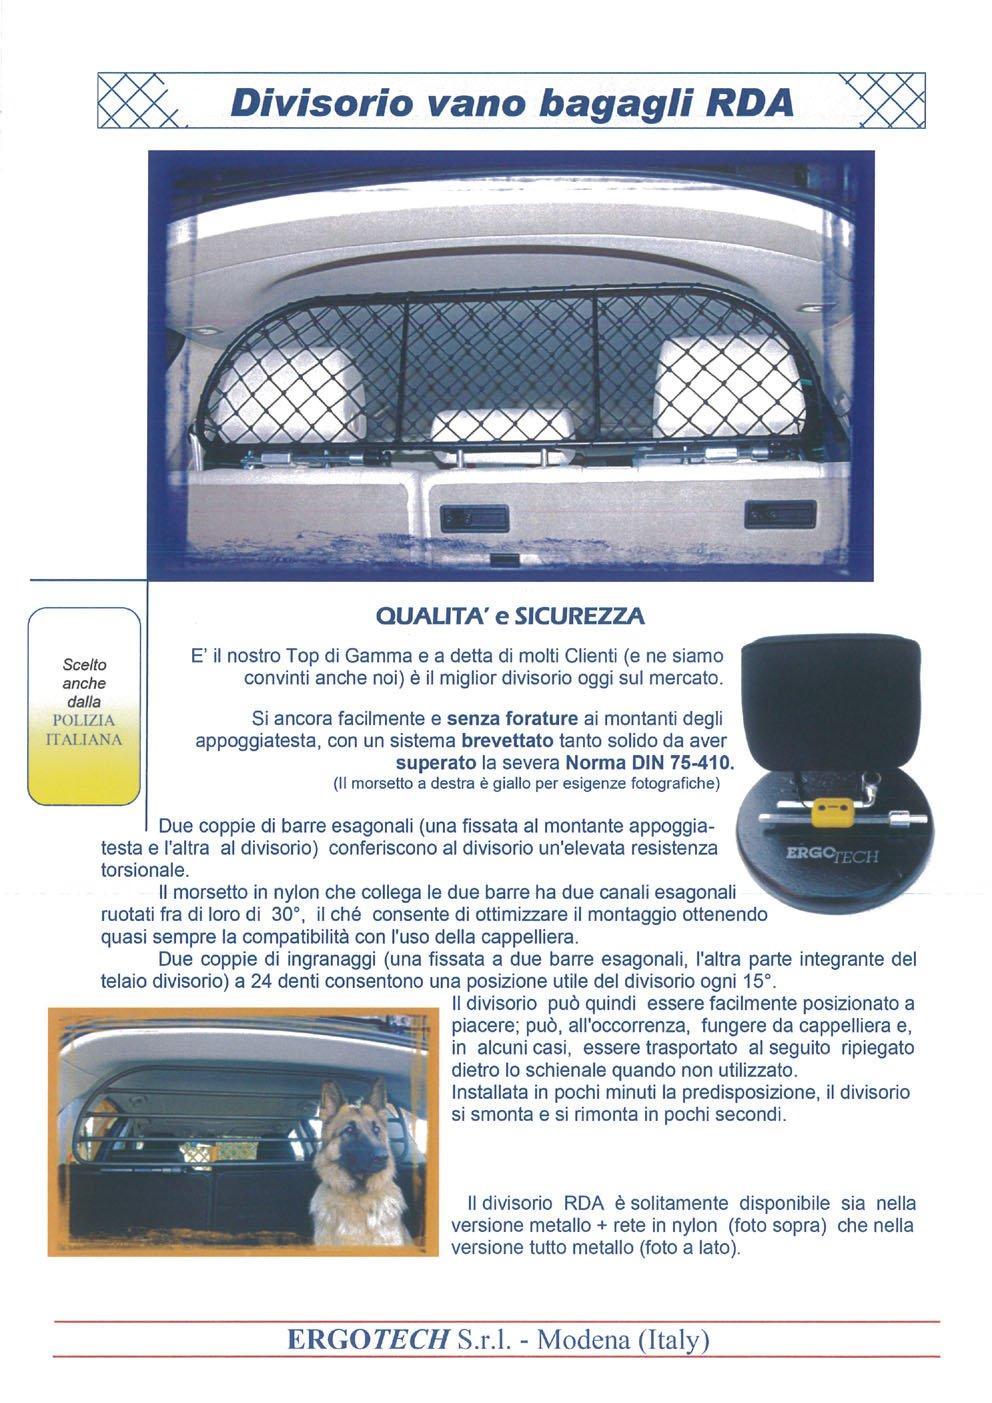 per trasporto cani e bagagli confortevole Divisorio Griglia Rete Divisoria Ergotech RDA65-S8 ksk016 garantito! Sicuro